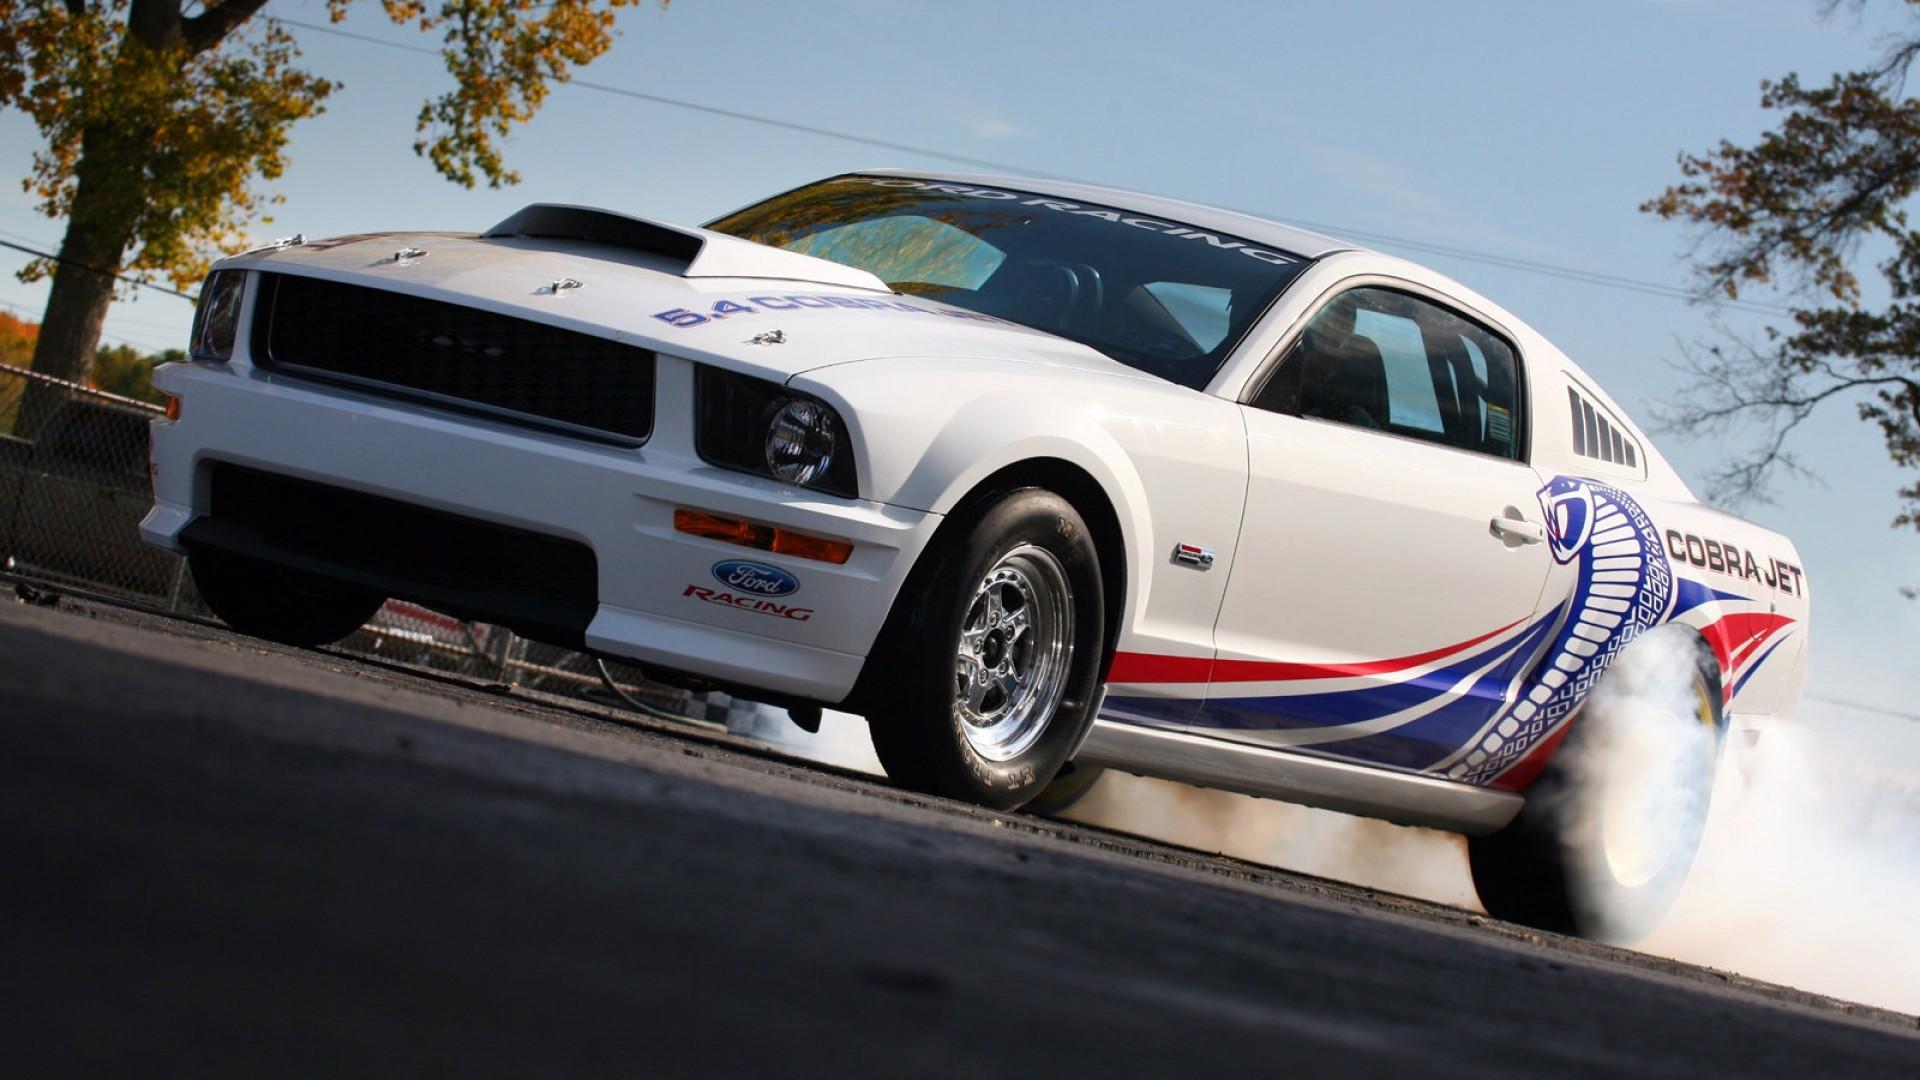 美国肌肉跑车福特野马高清壁纸高清图片